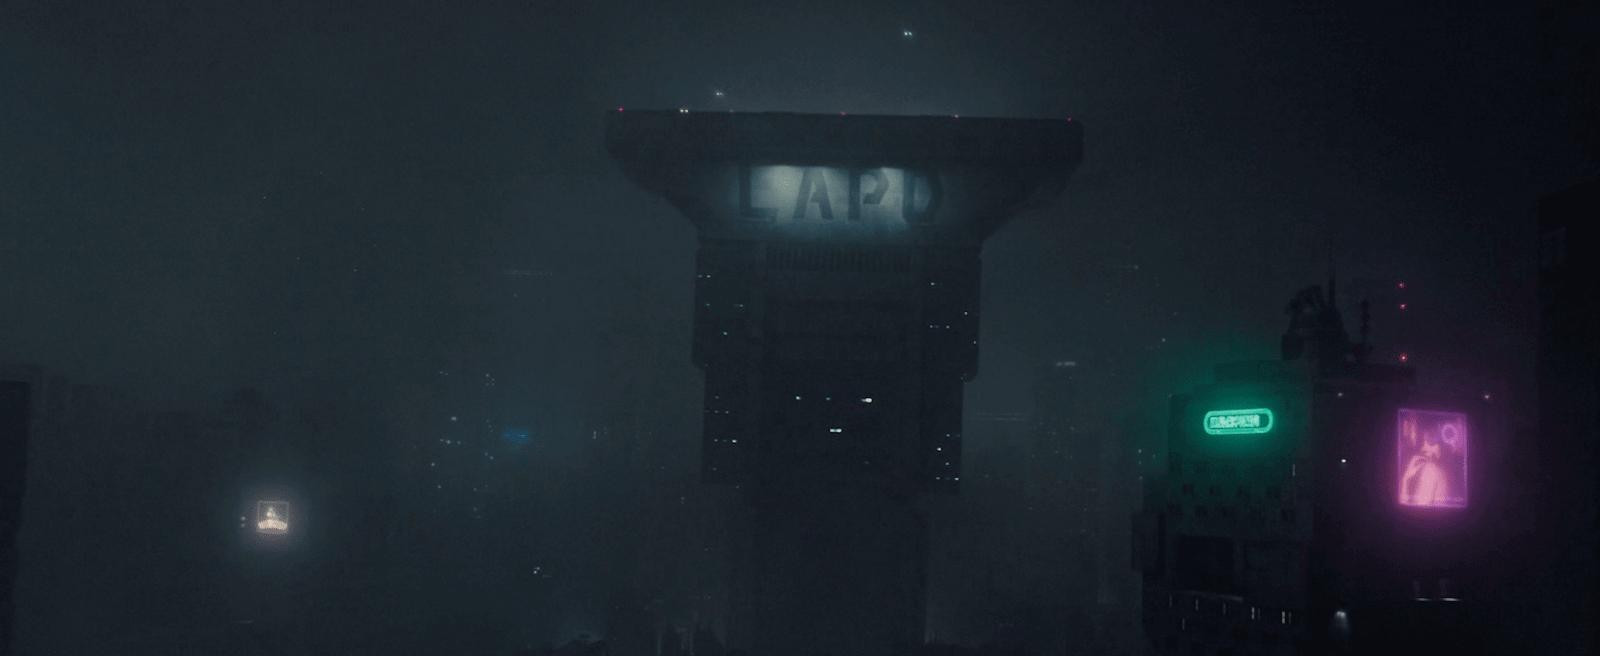 Villeneuve Blade Runner LAPD Image